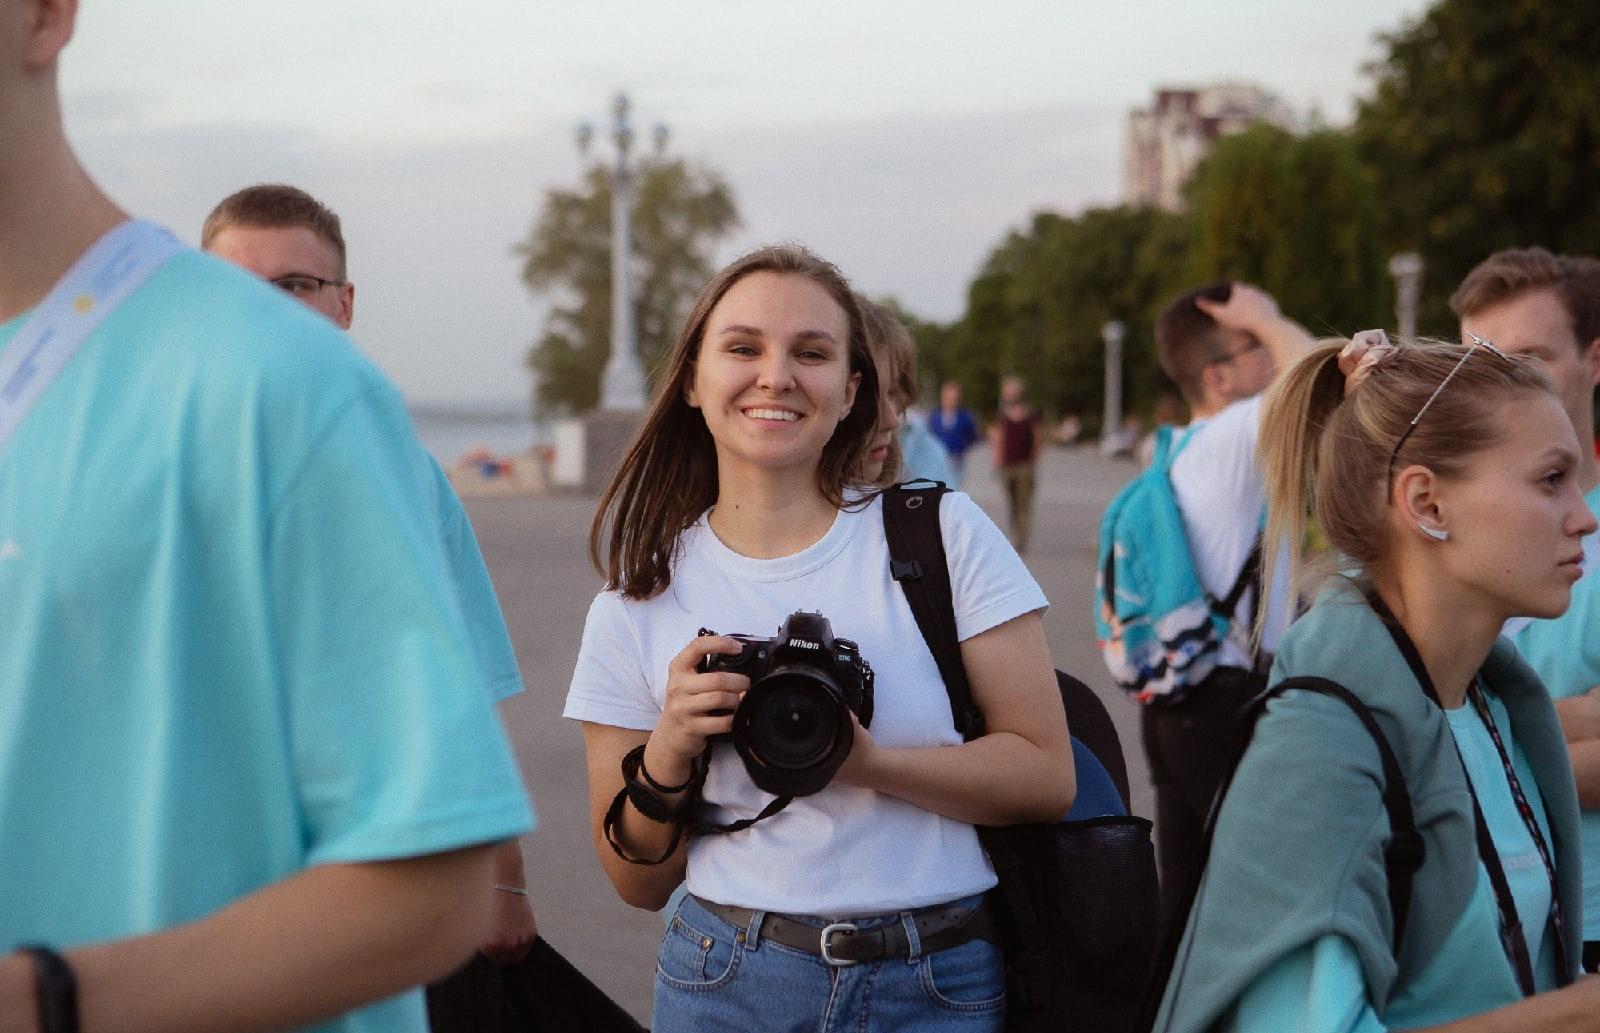 Студентка ТвГТУ приняла участие в гастрольном туре победителей «Российской студенческой весны» - новости Афанасий